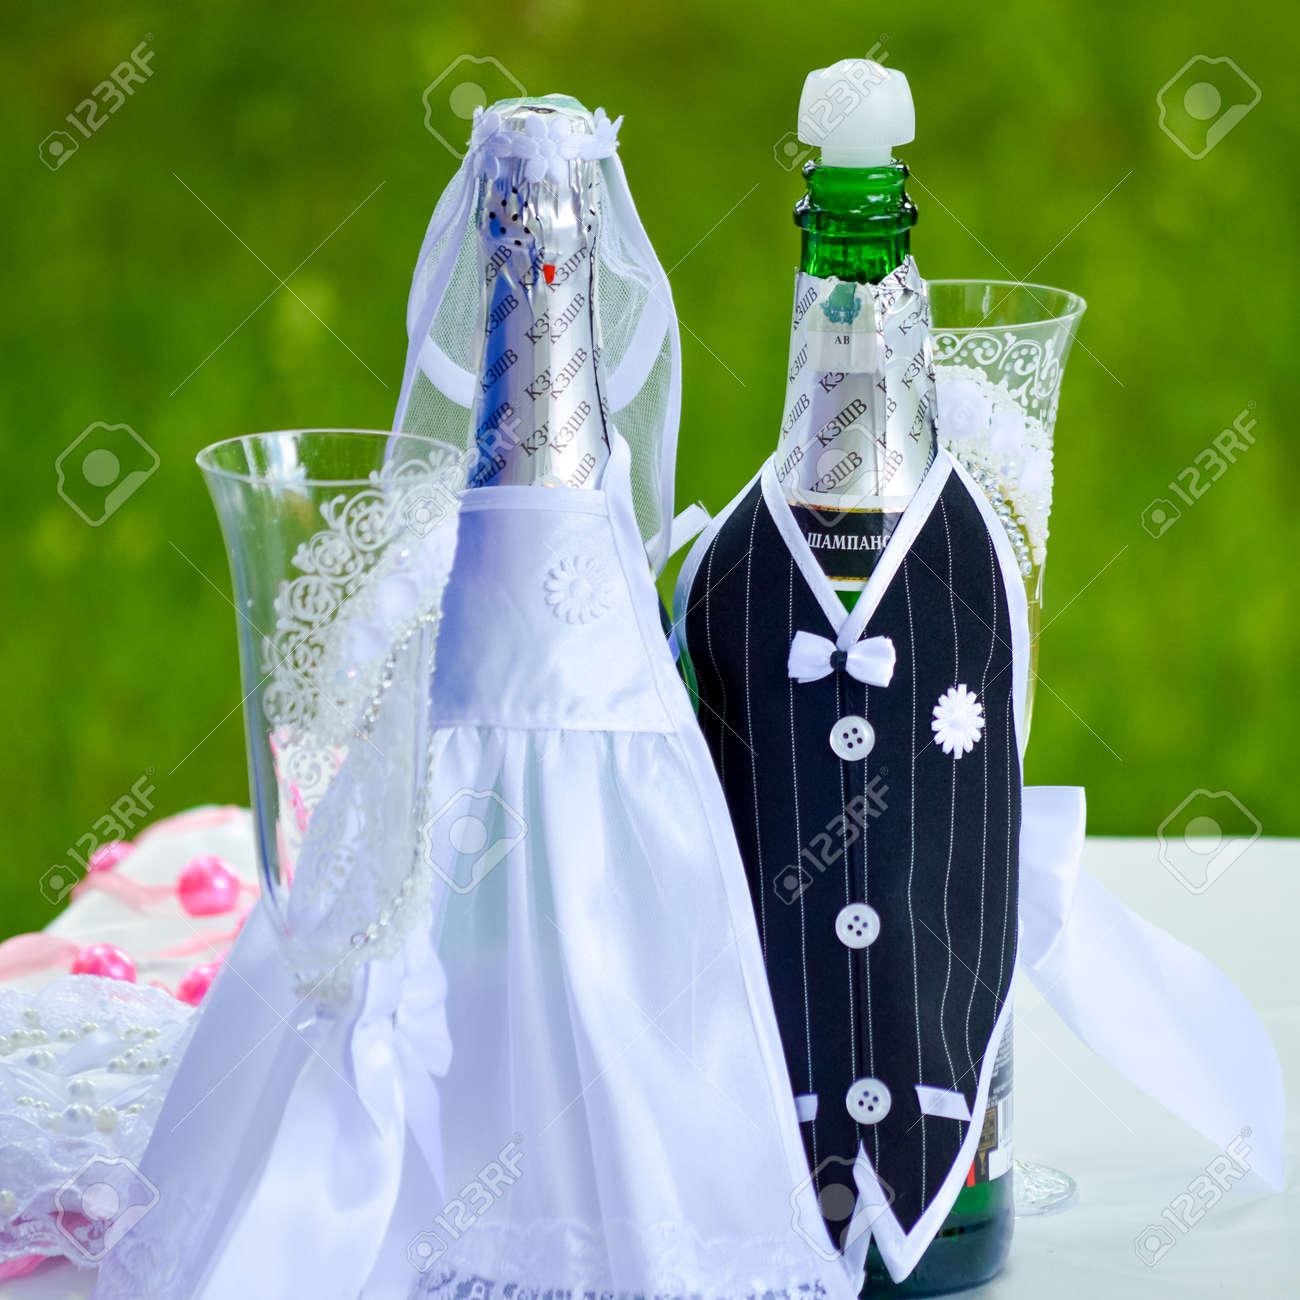 detalles de la ceremonia de boda de botellas de vino decoradas foto de archivo